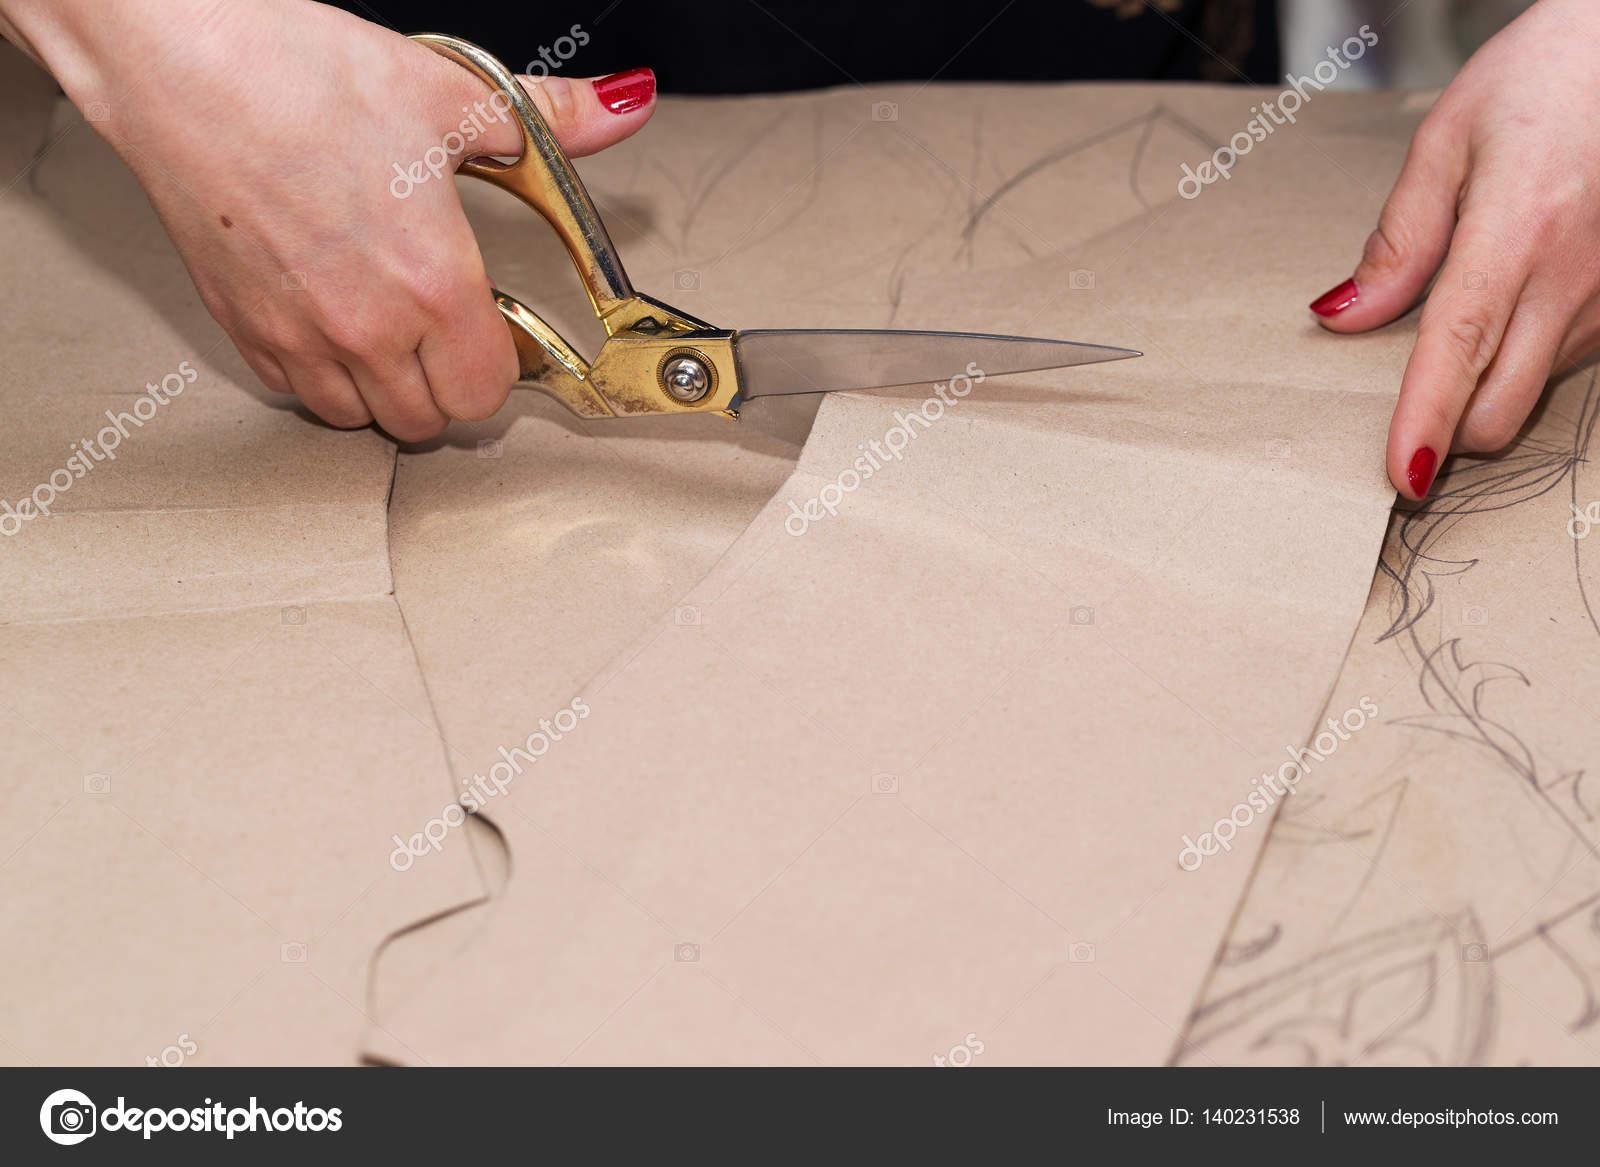 Tavolo Da Lavoro Per Cucire : Tavolo da lavoro per cucire tavolo da lavoro macchina cucire